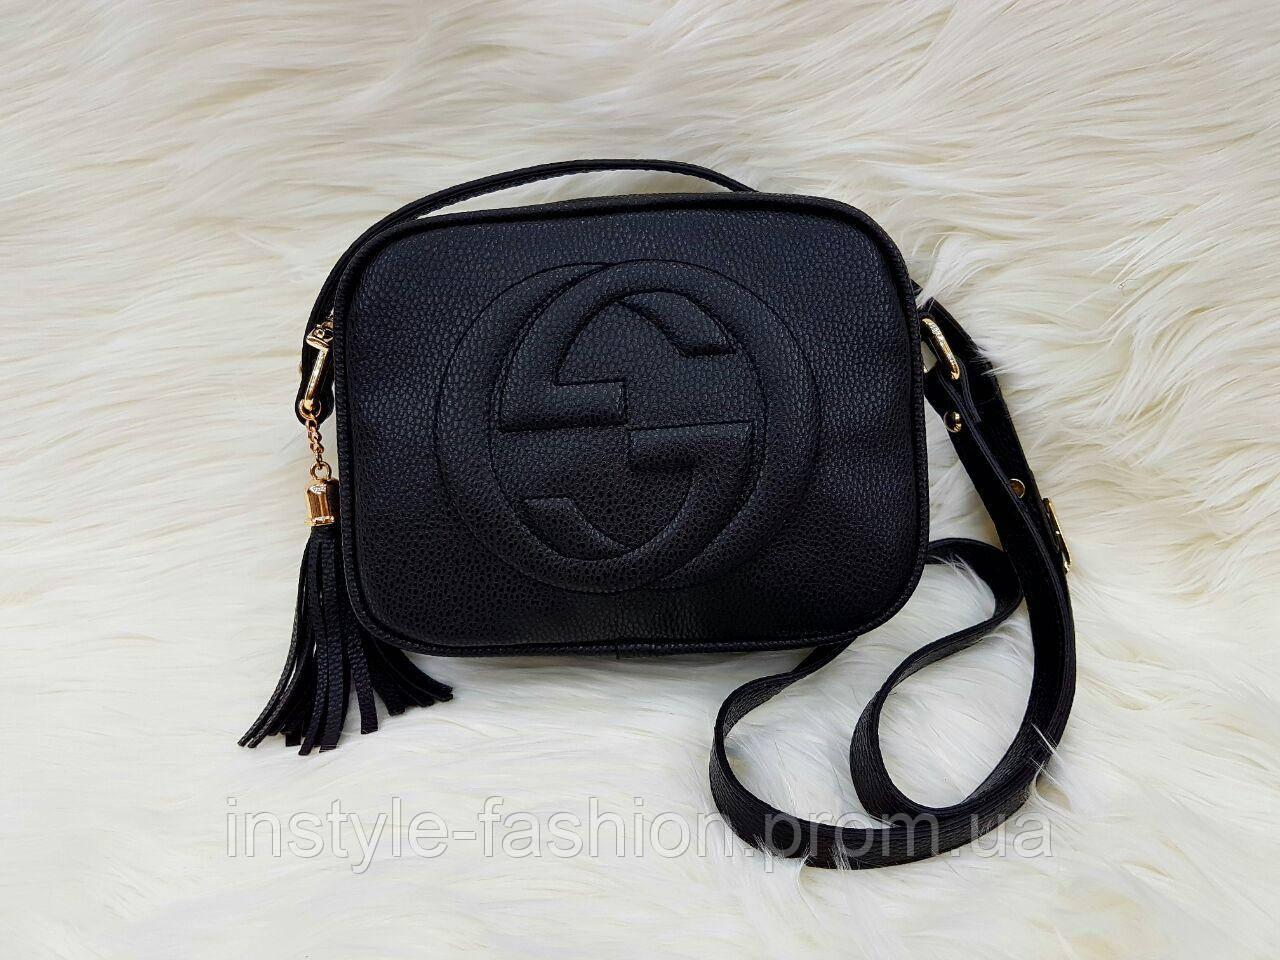 63b9d35ecd9c Сумка Gucci Гуччи через плечо черная: купить недорого копия продажа ...